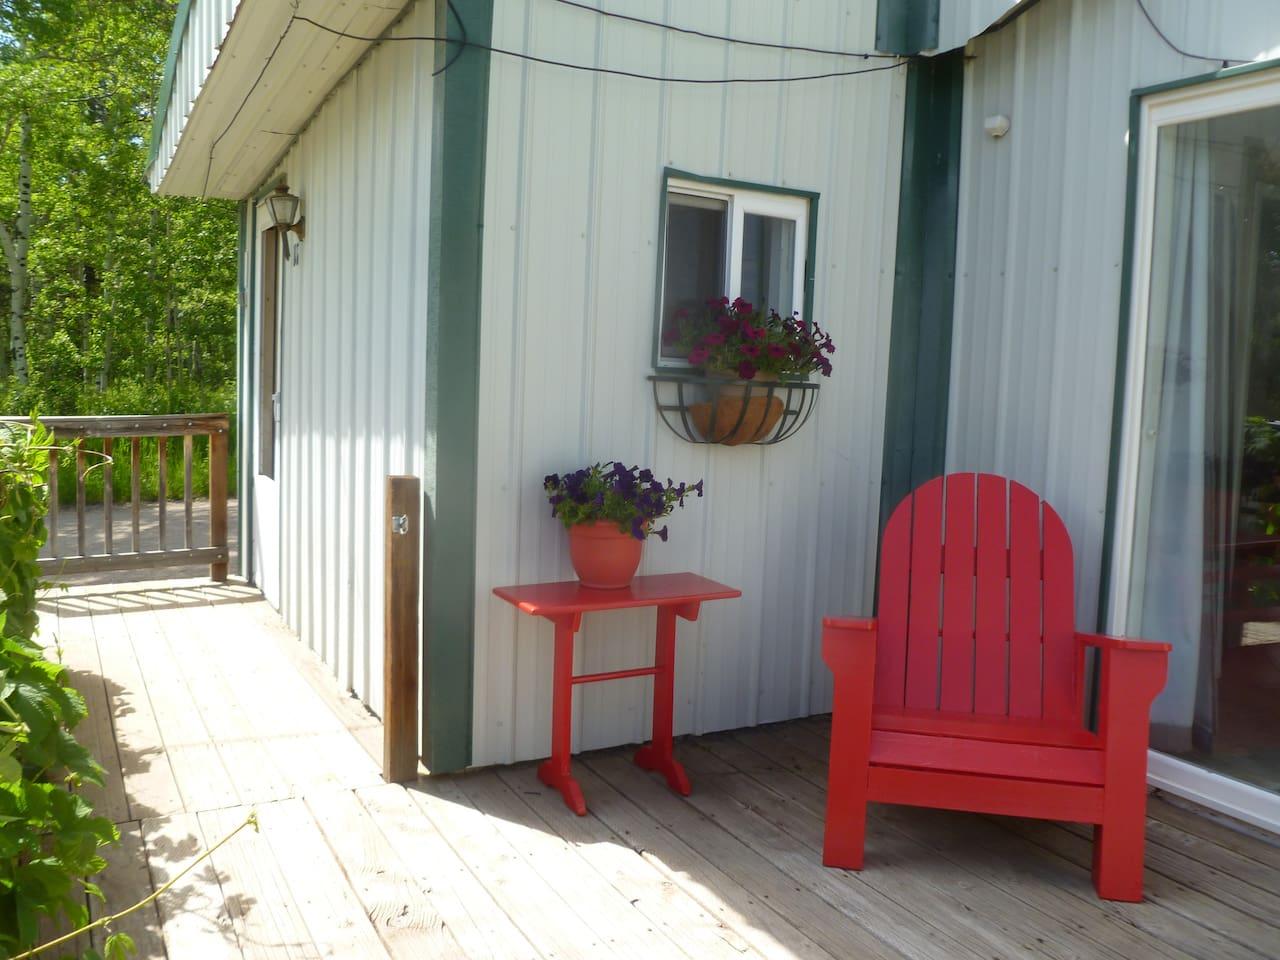 Entry door and patio area